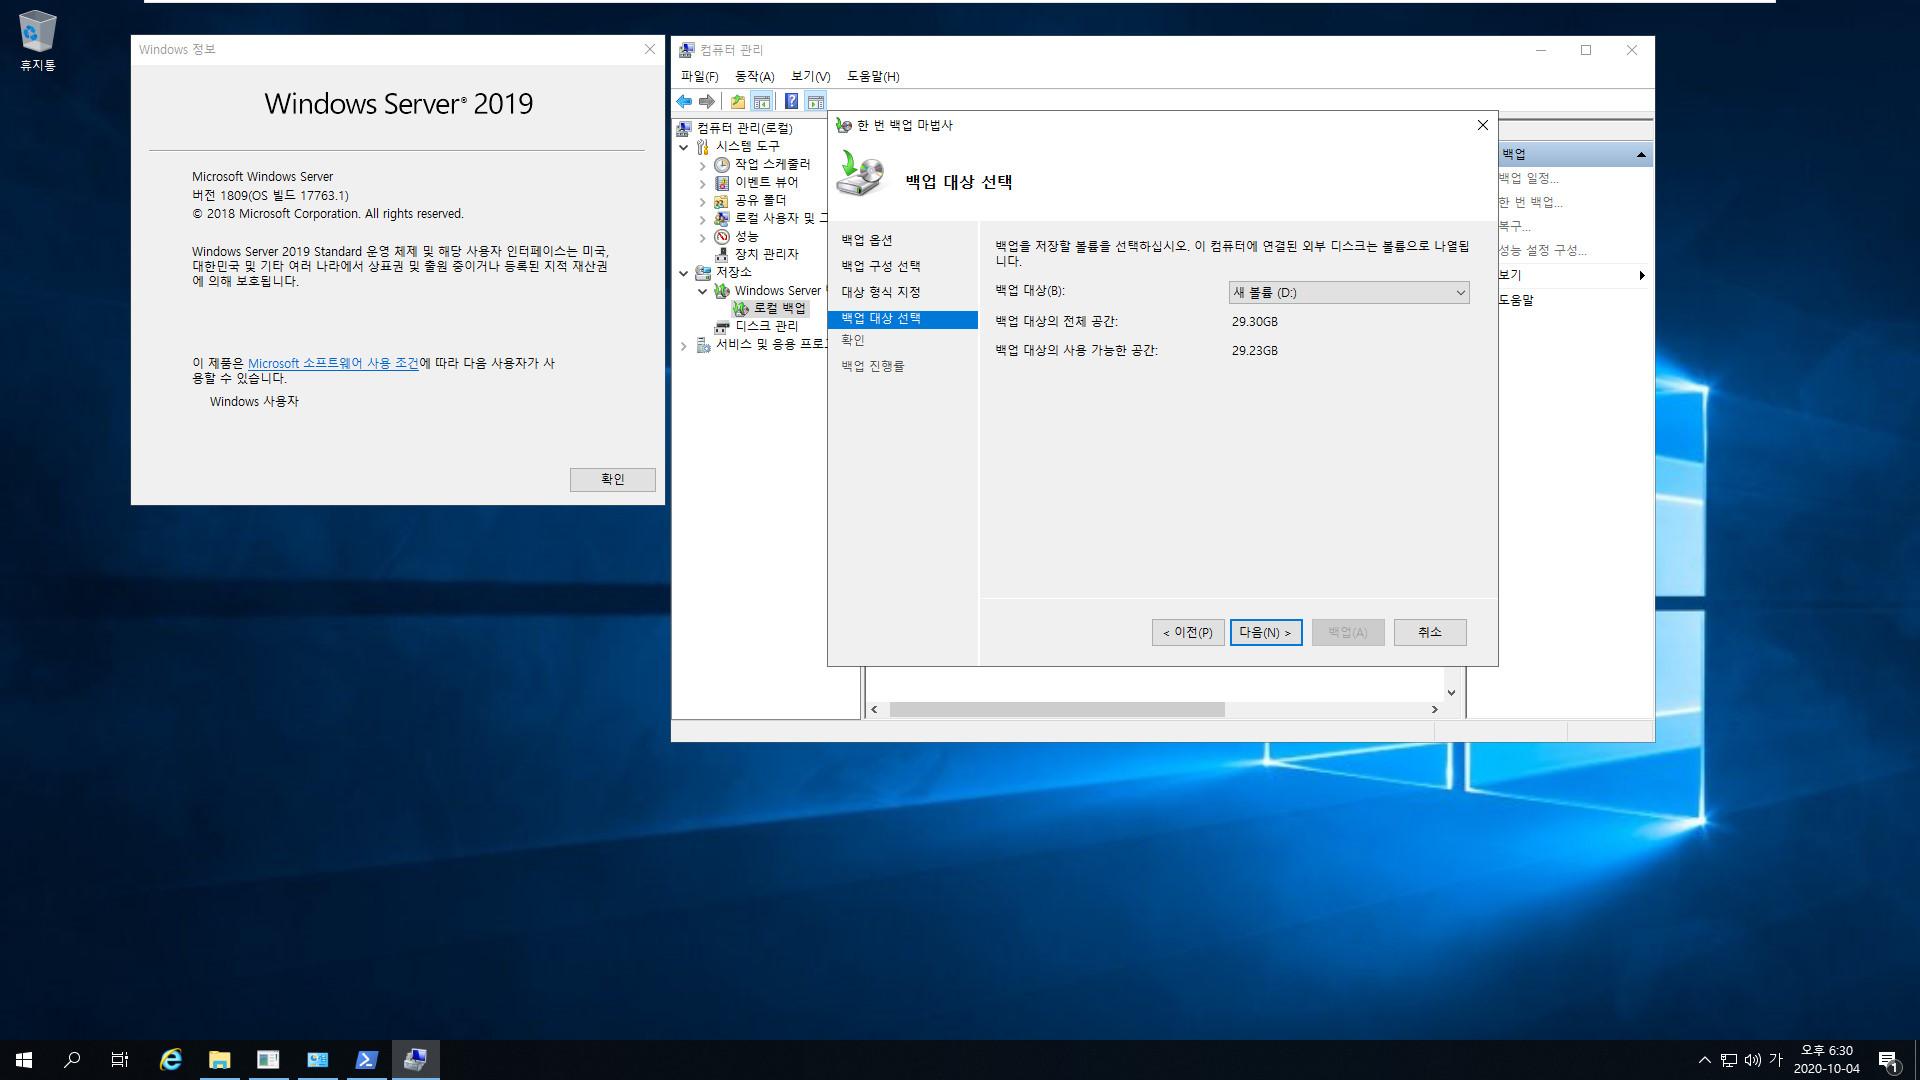 윈도우 서버군은 윈도우 사용중에도 자체 WBadmin 명령으로 윈도우 복구를 합니다 - Windows Server 2019로 복구 테스트 2020-10-04_183027.jpg